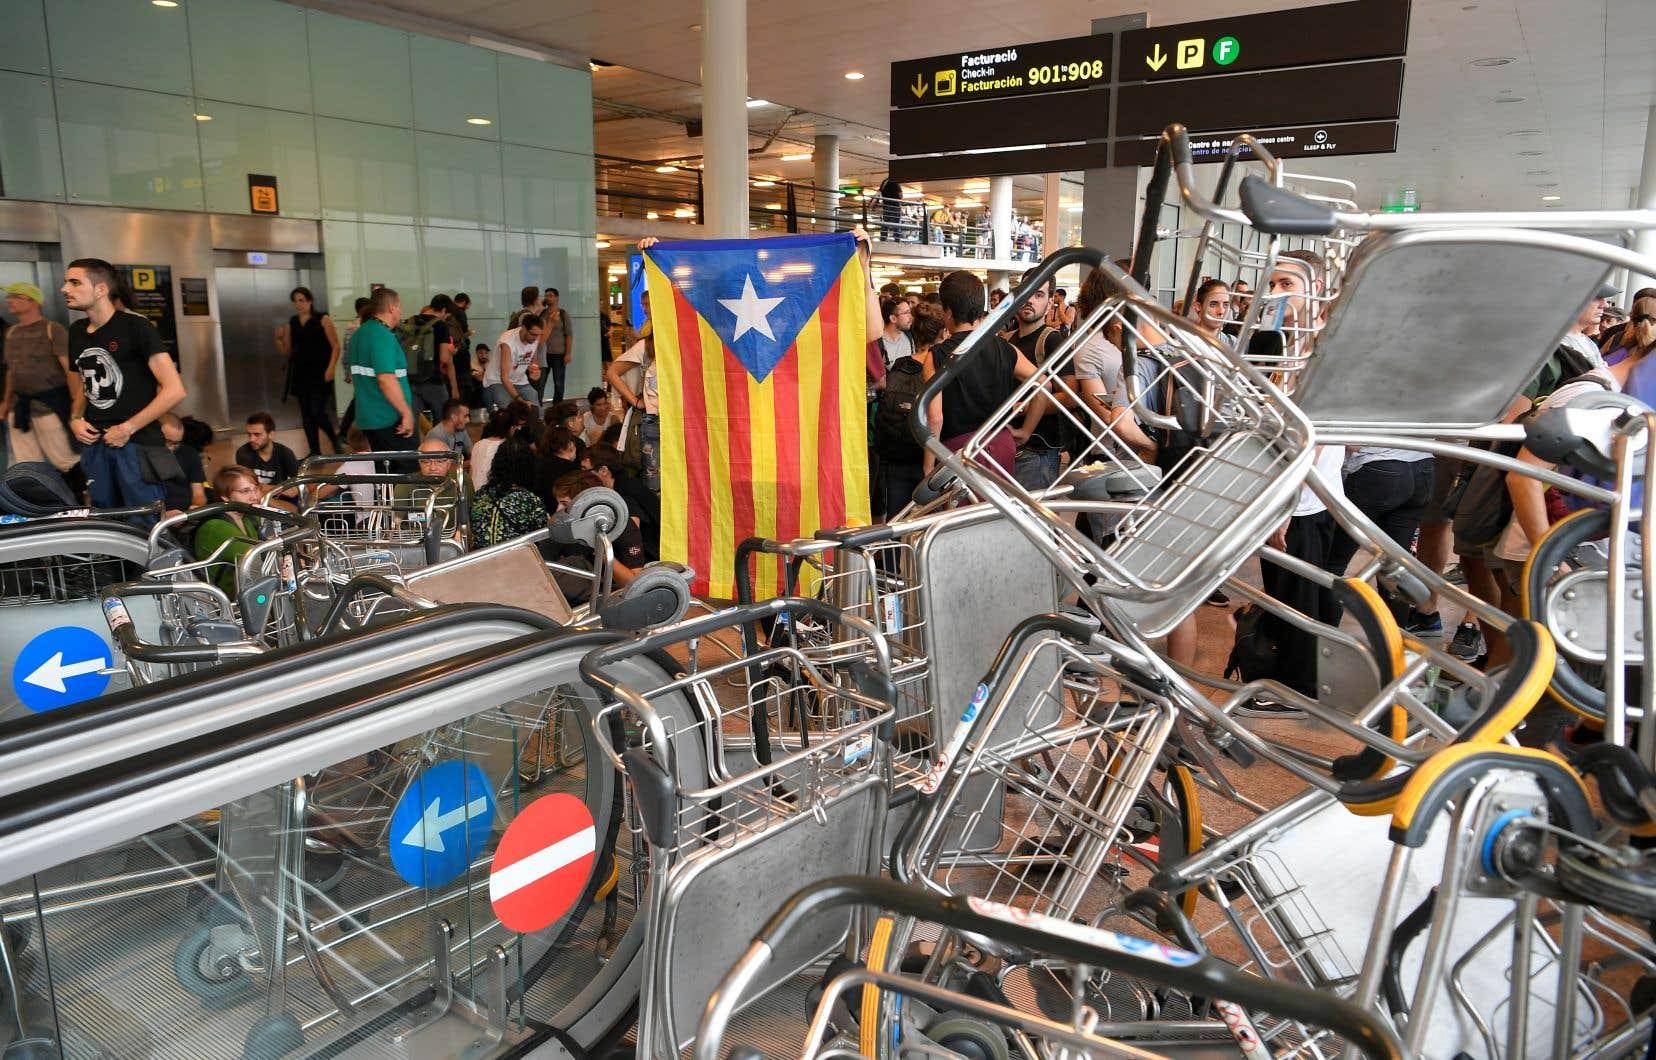 En entreprenant des actions comme le blocage de l'aéroport de Barcelone, les militants indépendantistes catalans s'inspirent ouvertement de techniques vues à Hong Kong.